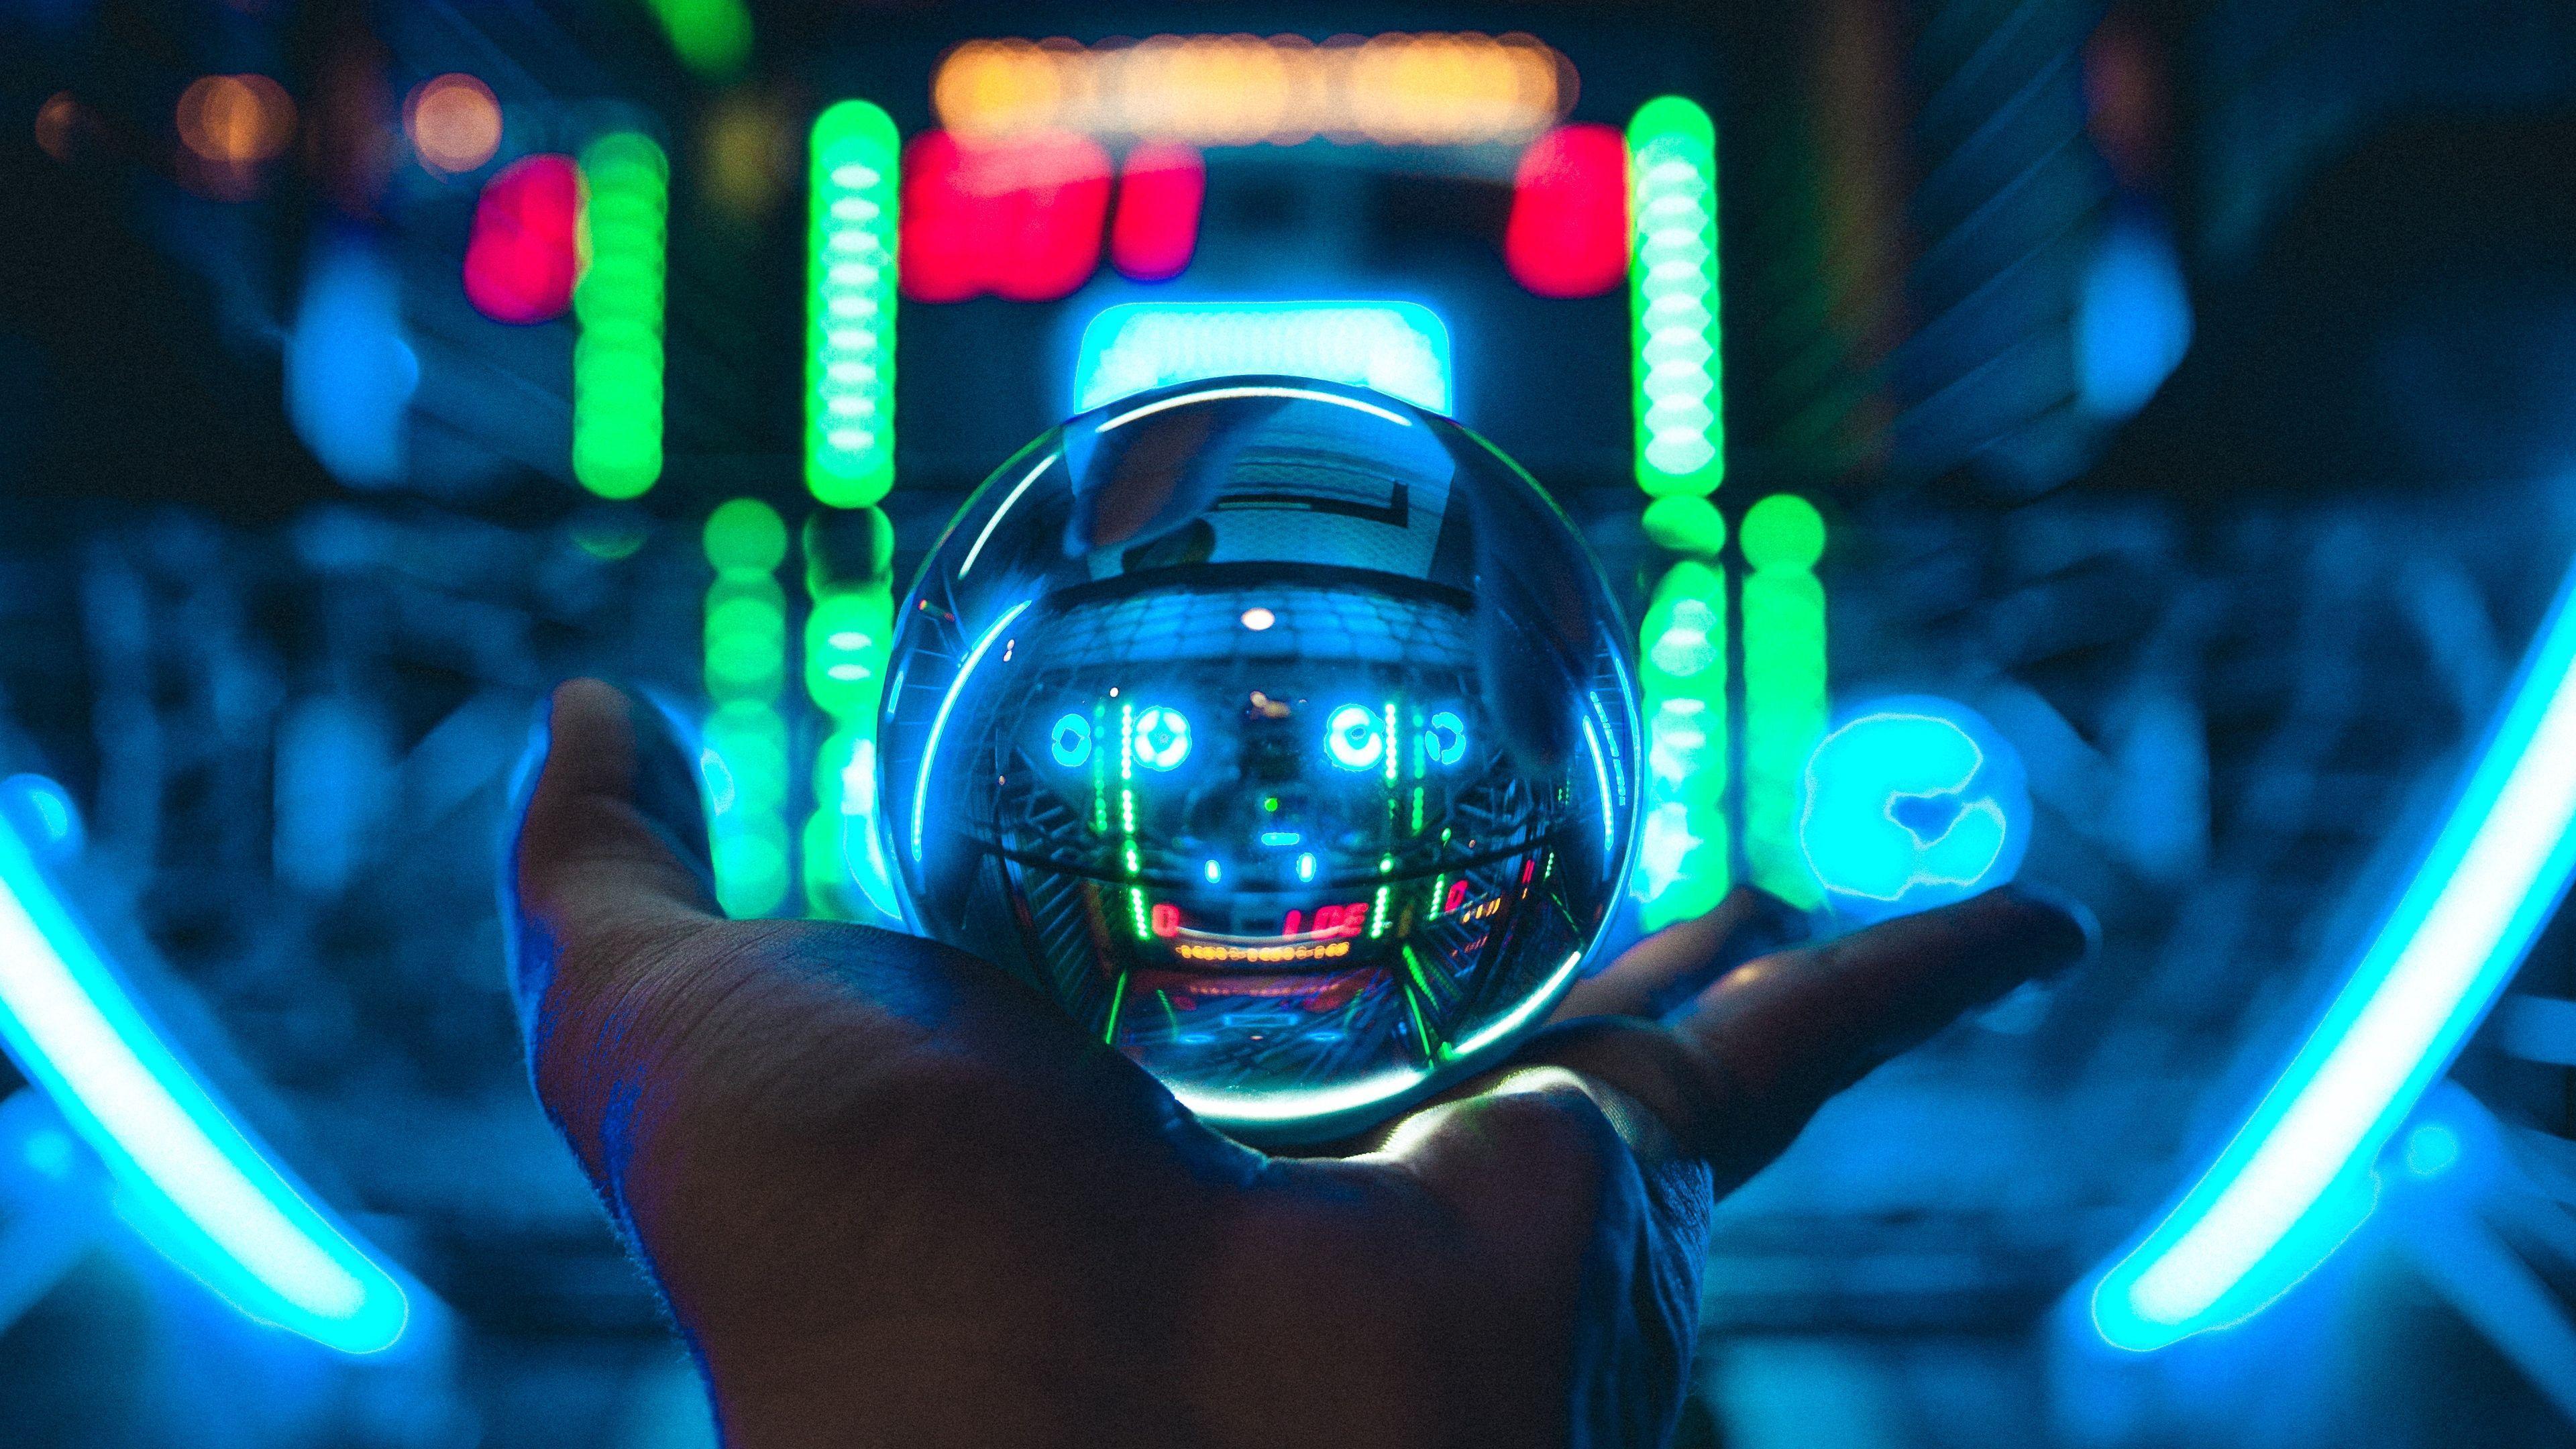 4K Gaming Neon Wallpapers - Top Free 4K Gaming Neon ...